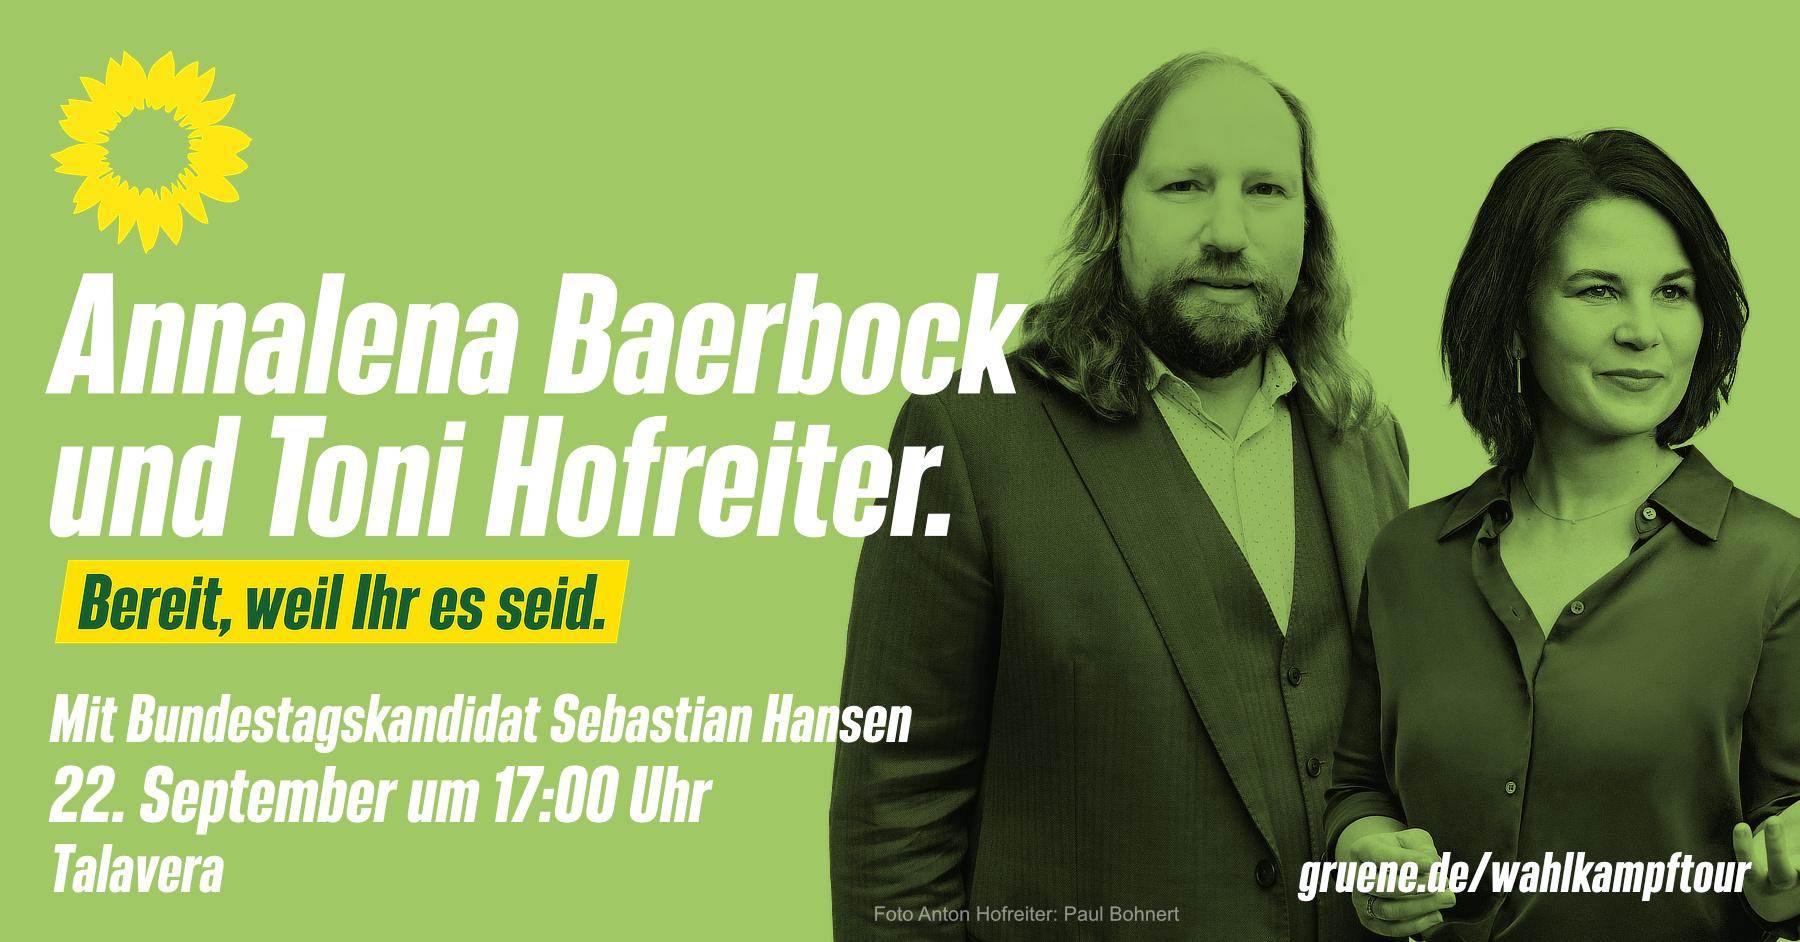 Annalena Baerbock und Toni Hofreiter in Würzburg